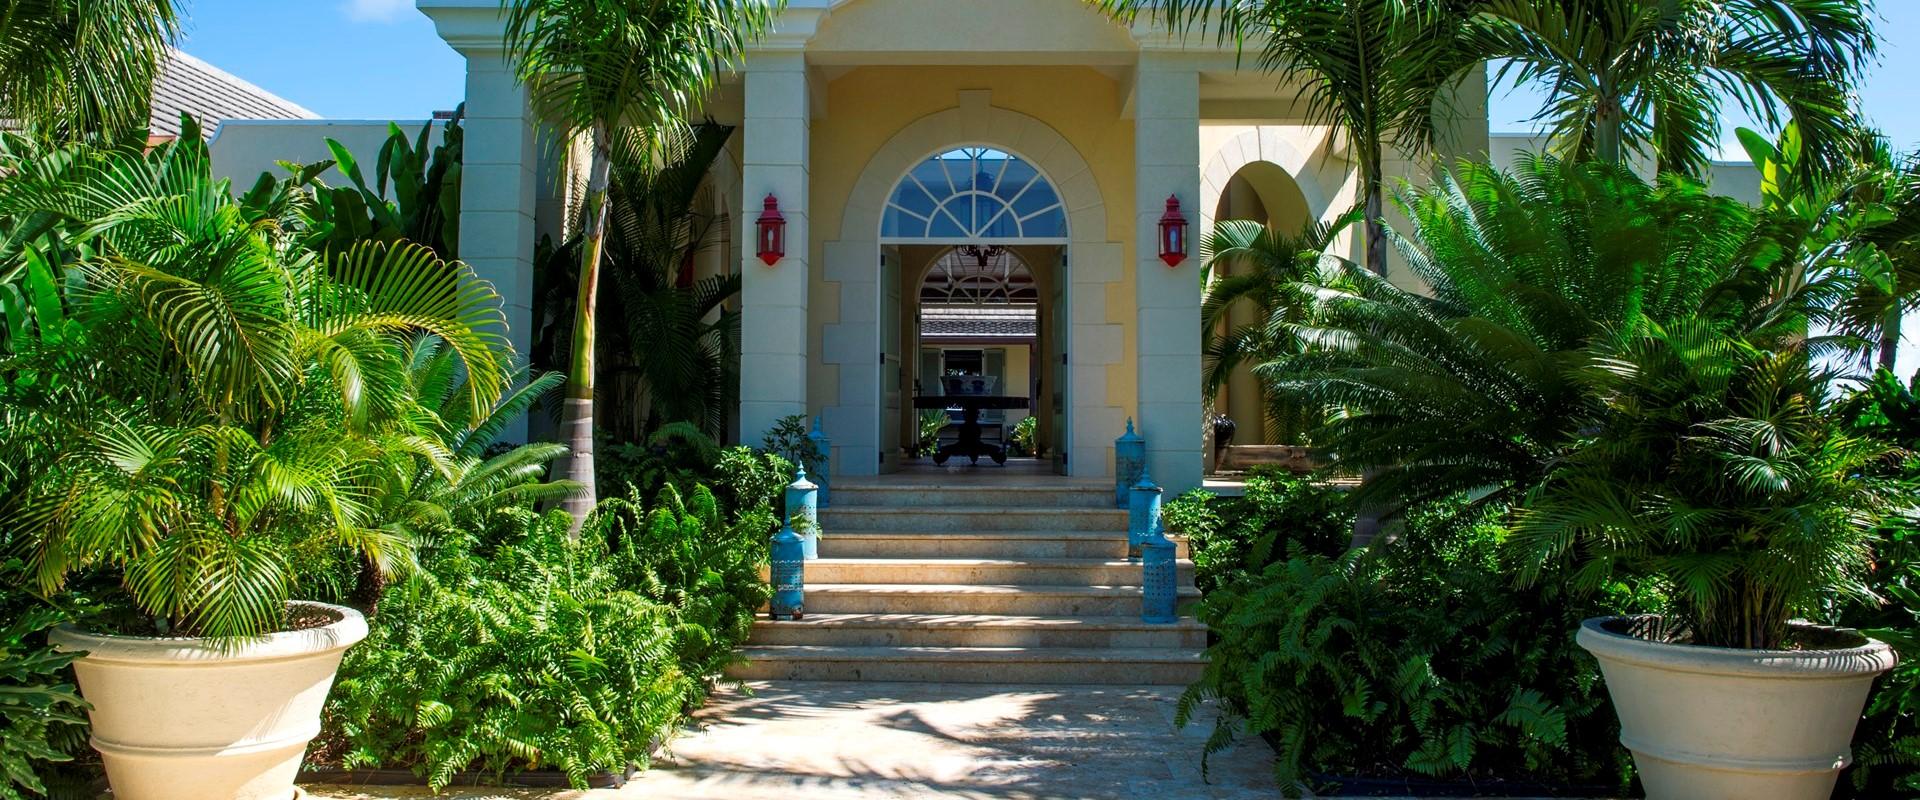 ocean-breeze-villa-mustique-entrance